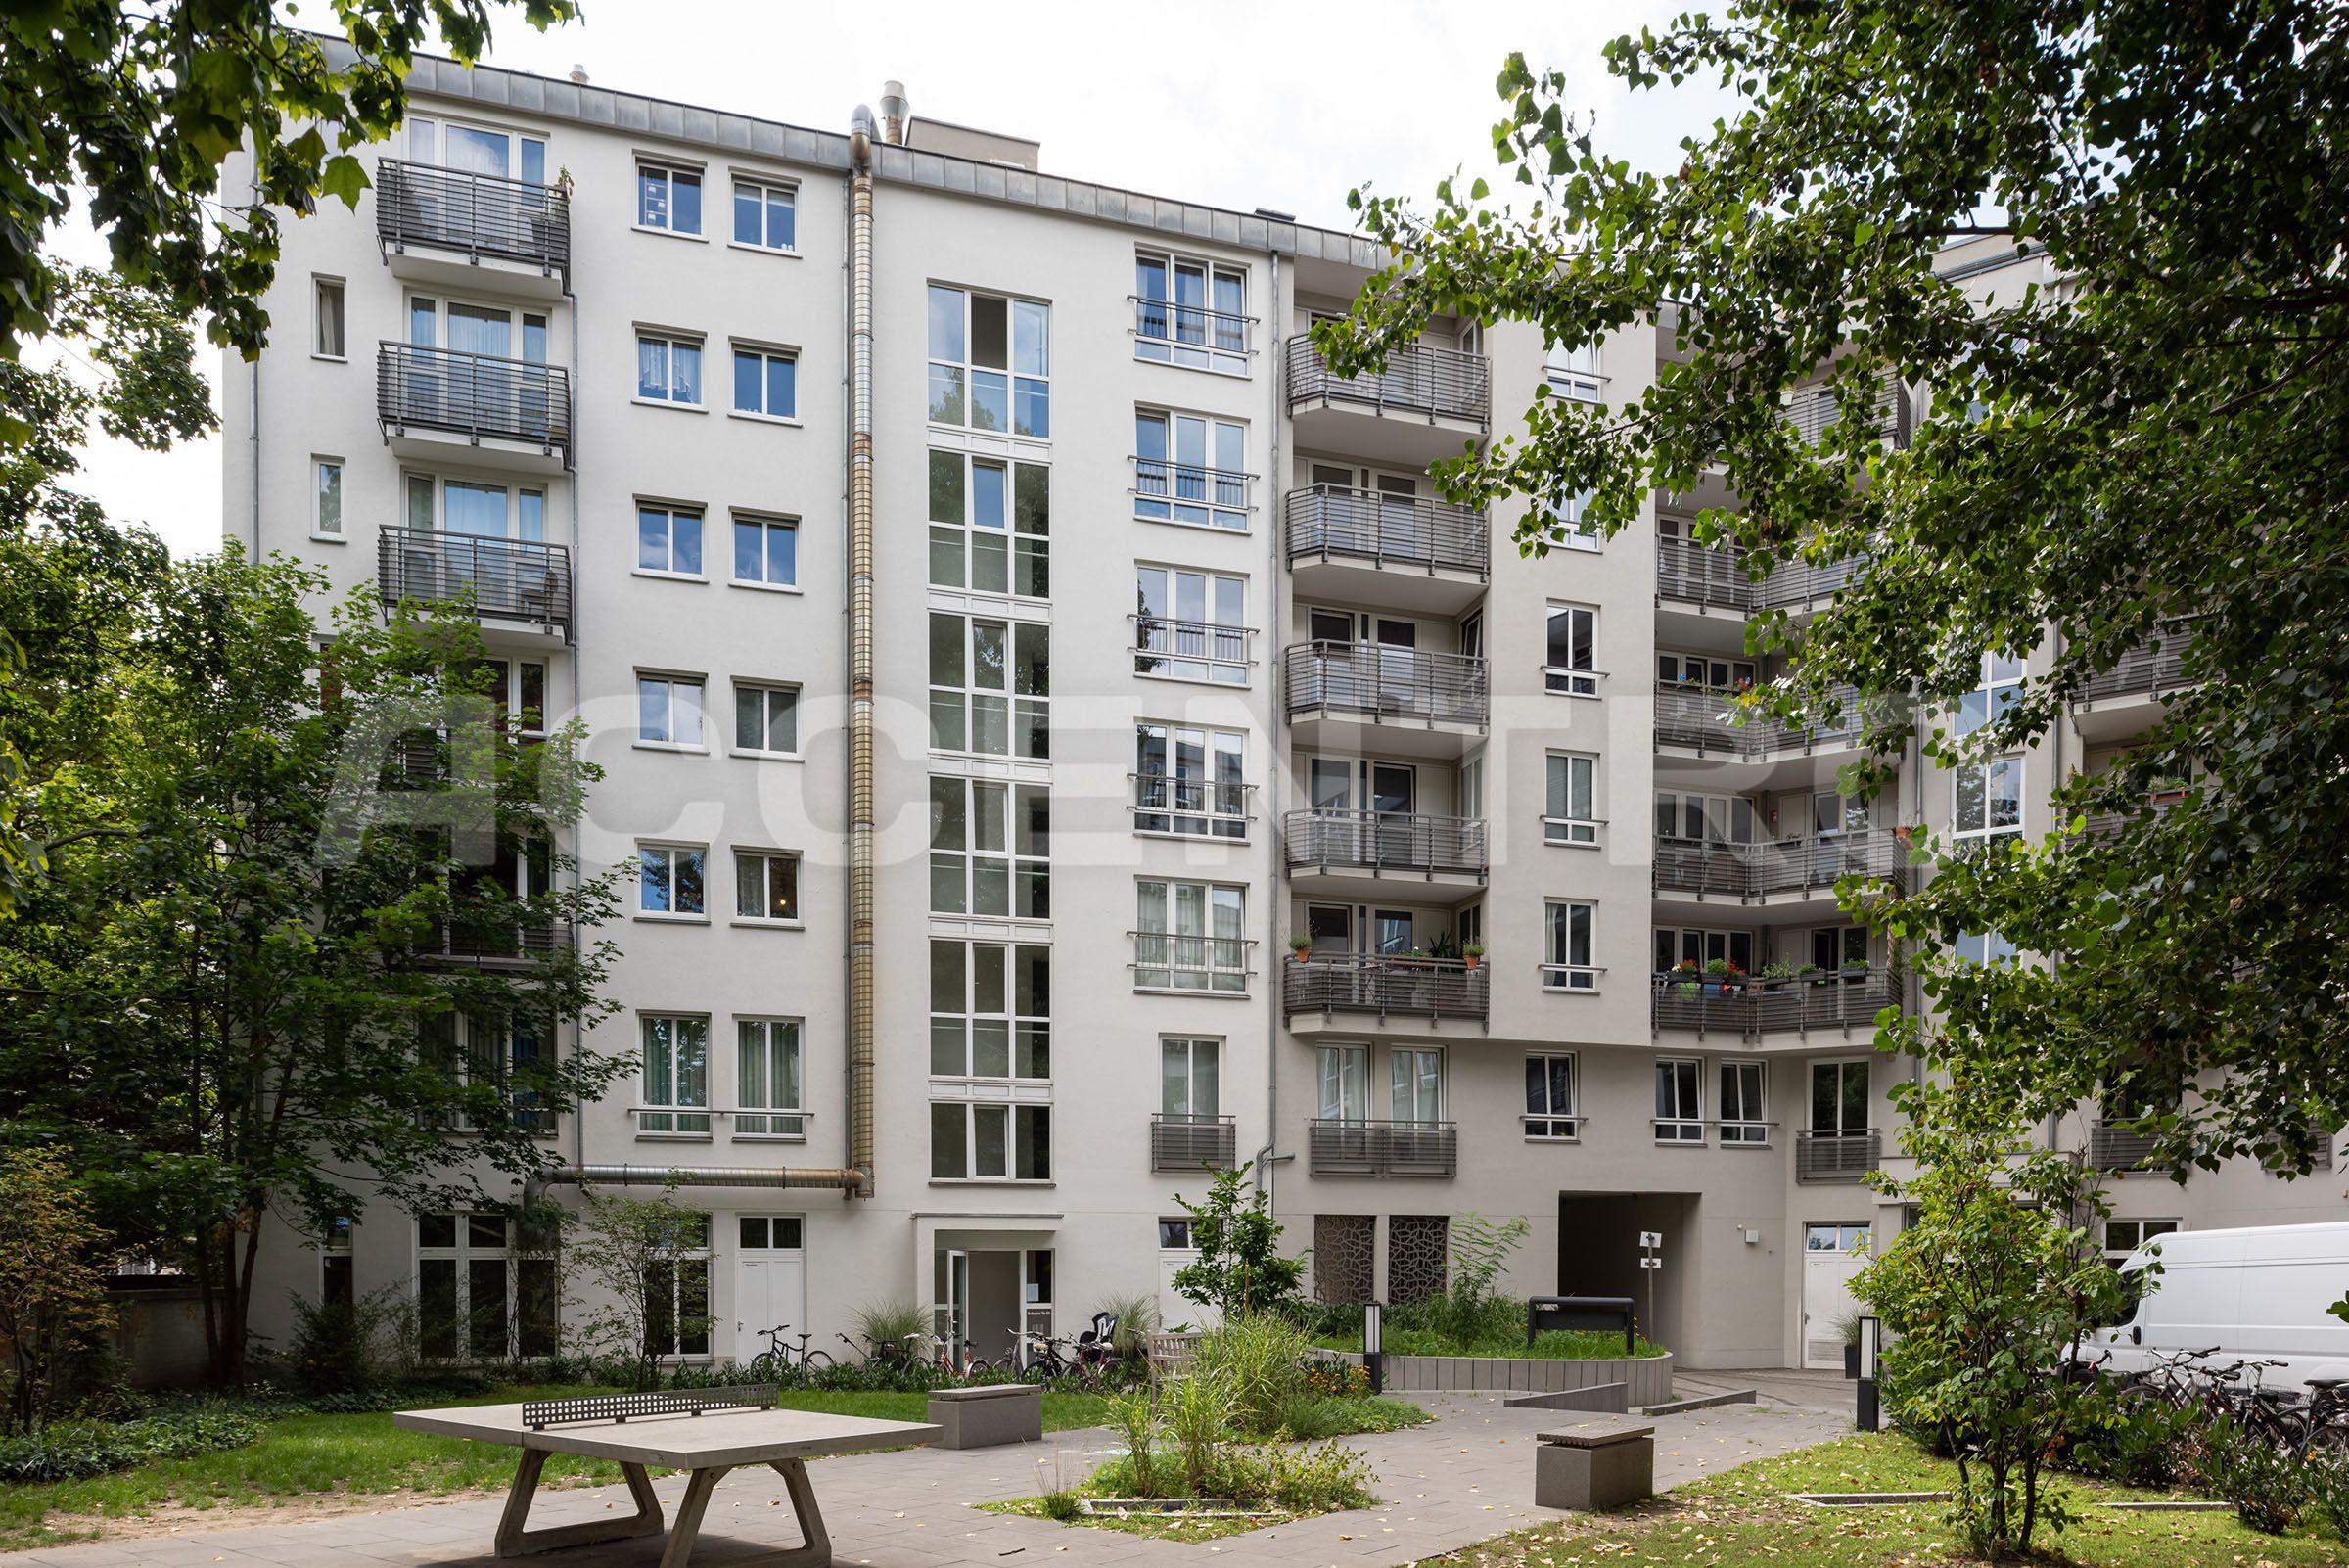 Eigentumswohnungen in Berlin Friedrichshain, Boxhagener